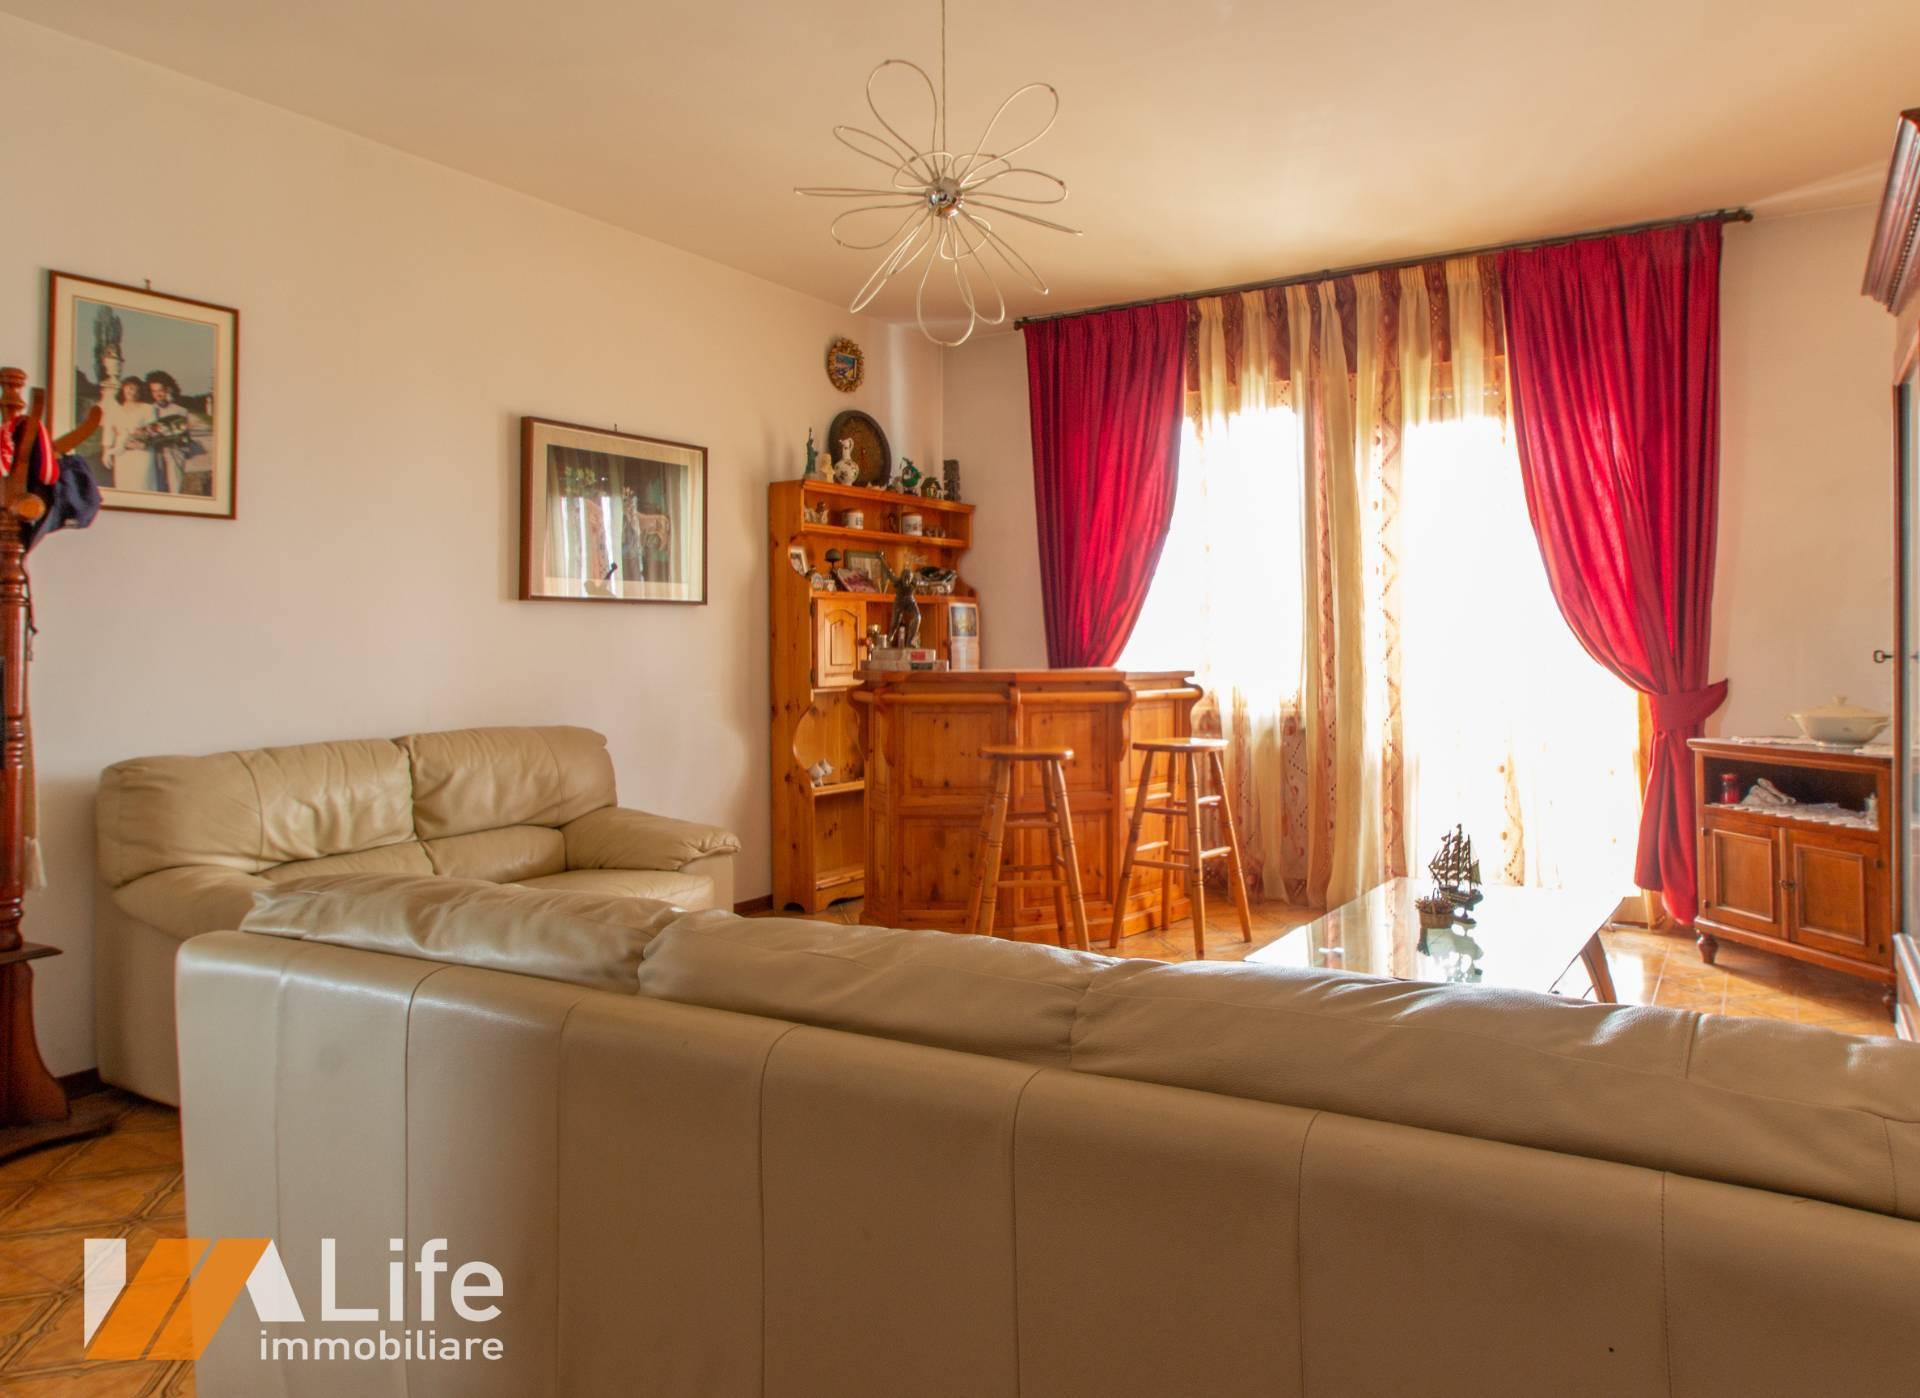 Appartamento in vendita a Brendola, 5 locali, prezzo € 109.000 | CambioCasa.it